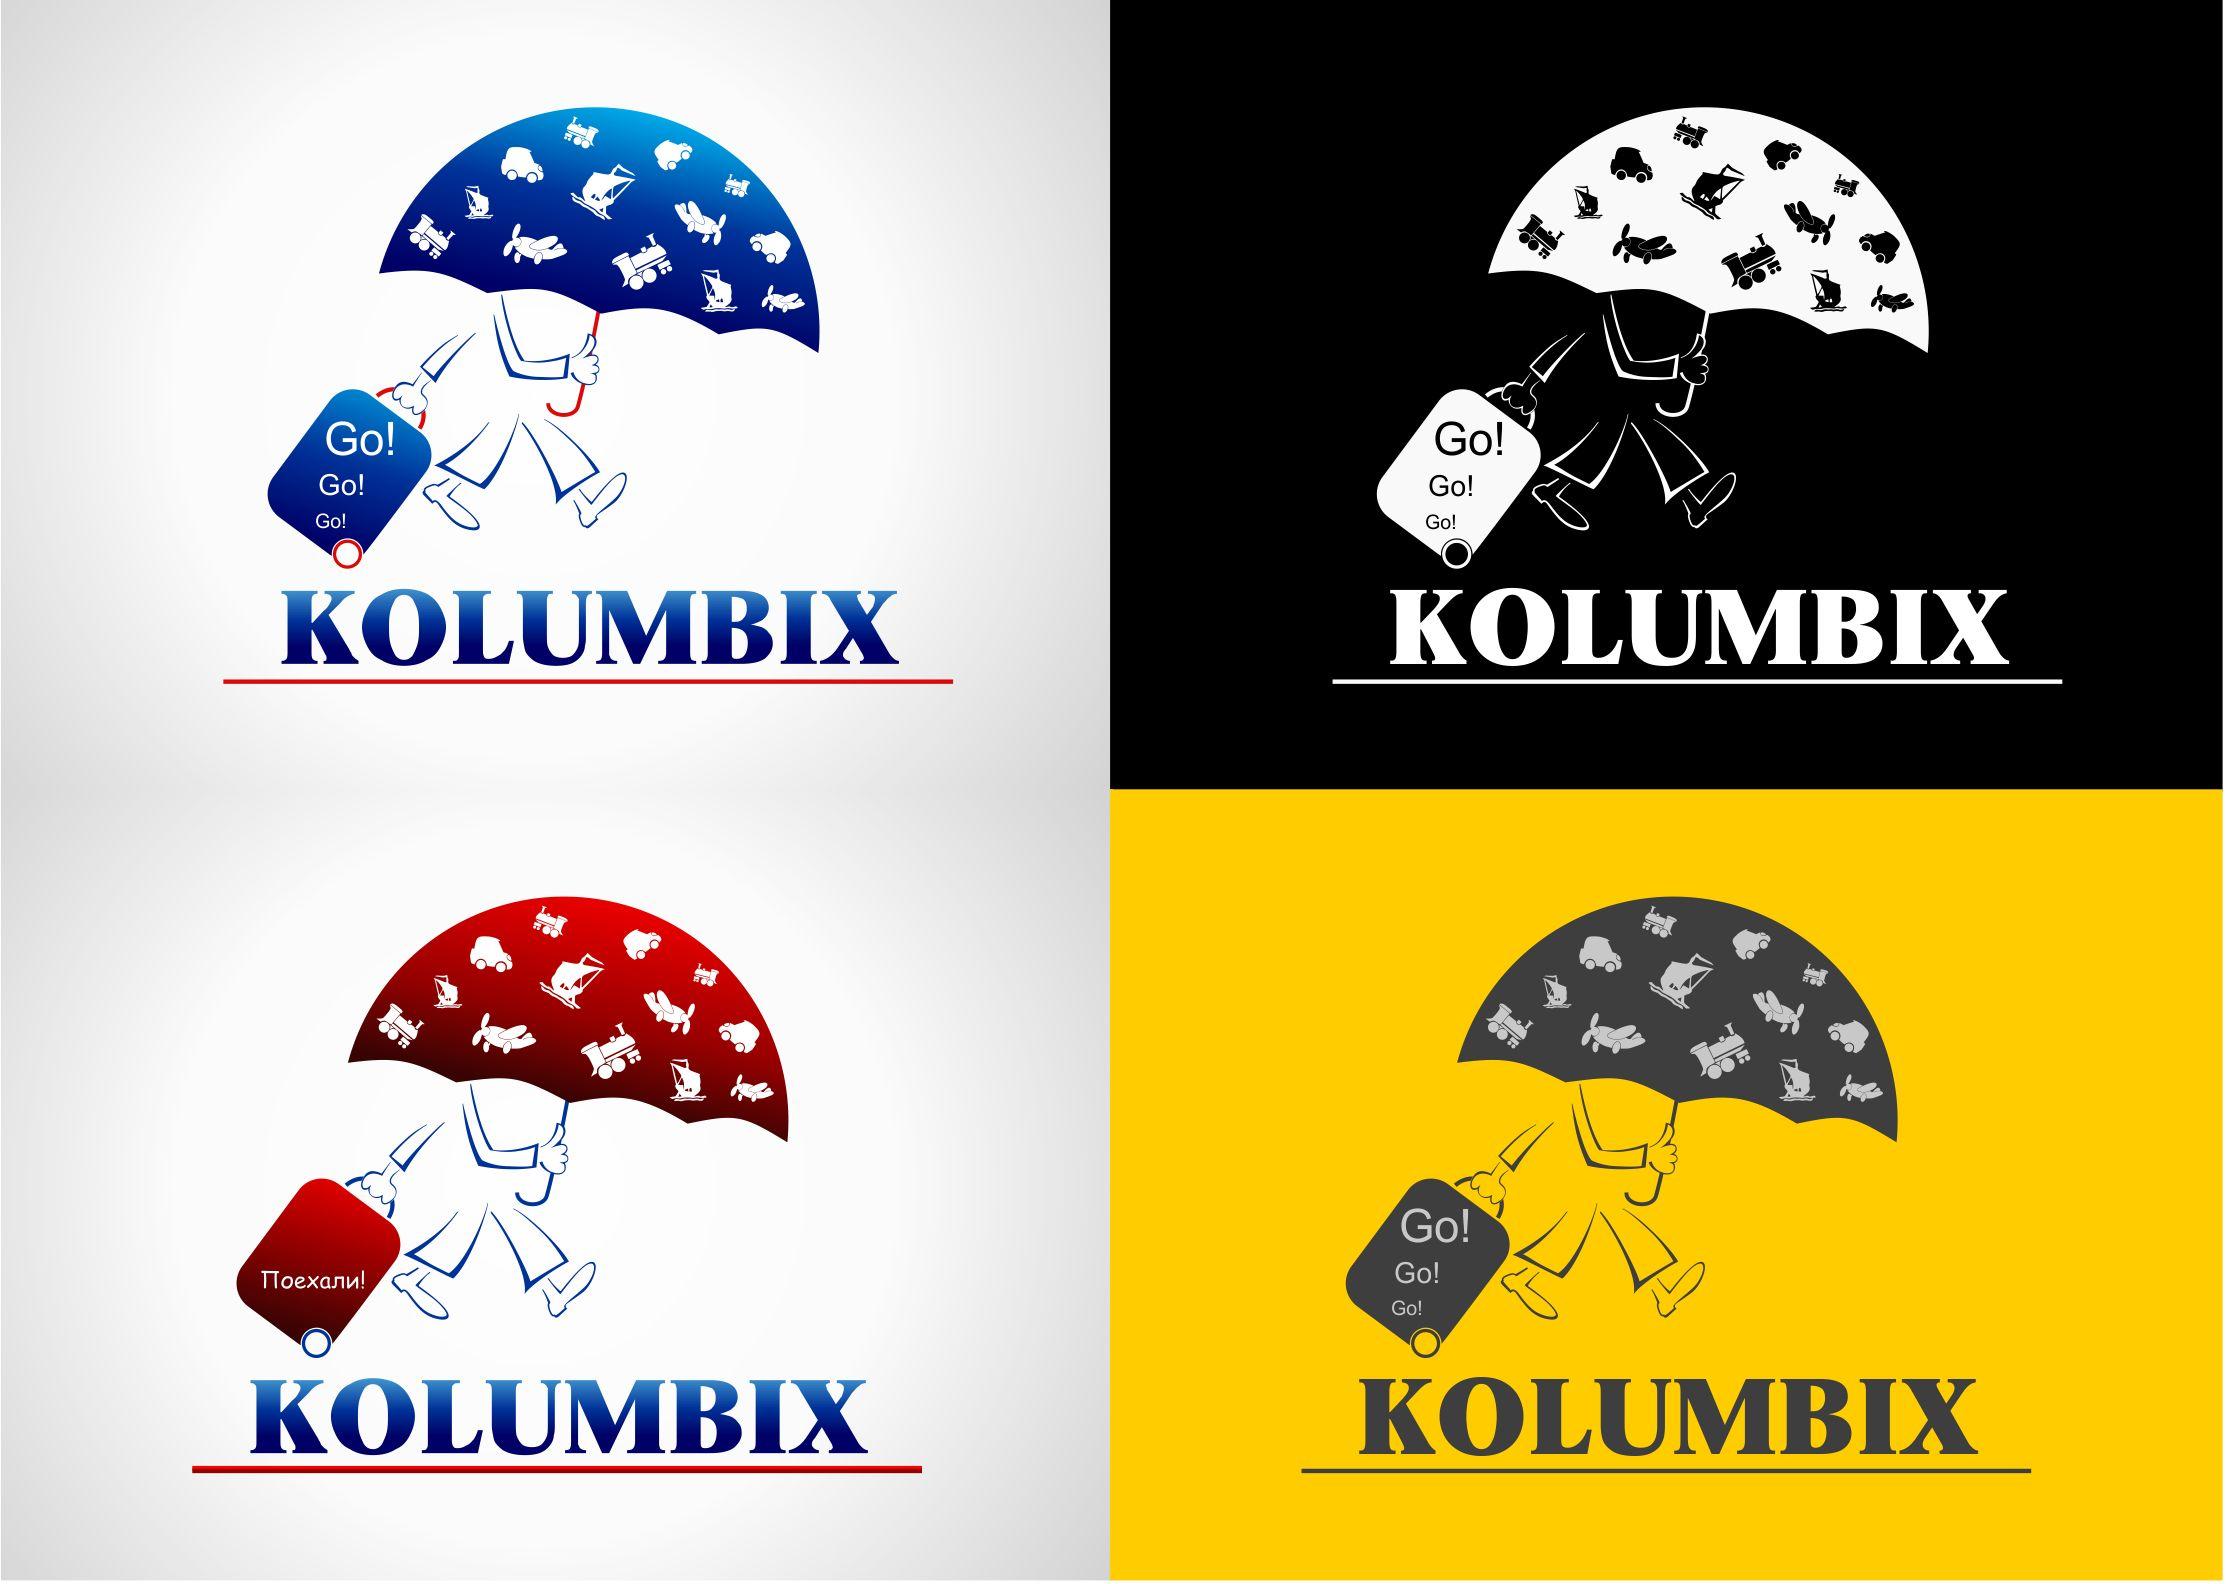 Создание логотипа для туристической фирмы Kolumbix фото f_4fb7f3f81bddb.jpg